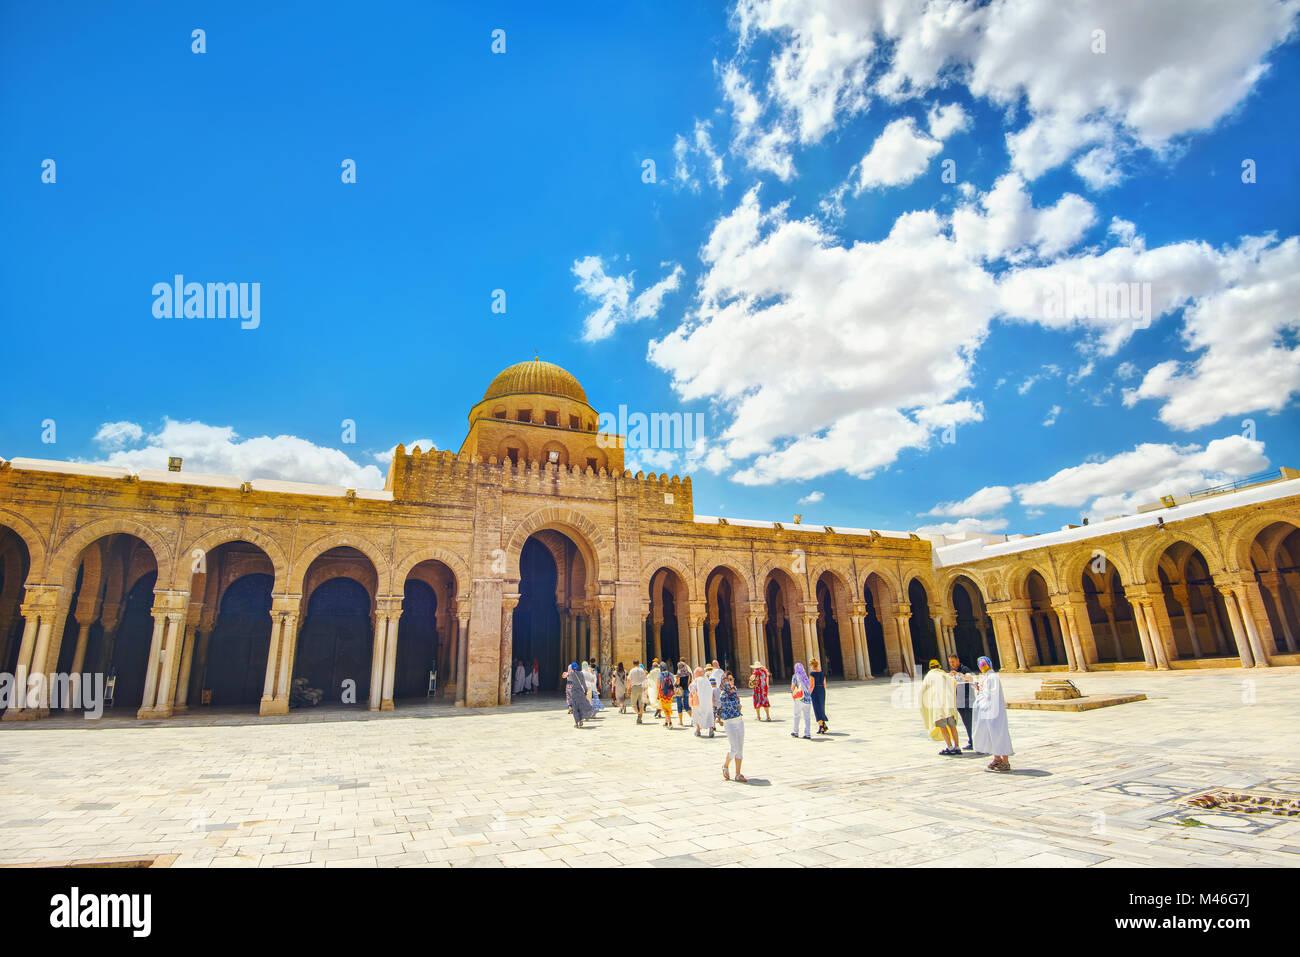 Visites groupes tourisme la grande mosquée (Sidi Oqba) de Kairouan, ville sacrée de l'Islam. Kairouan, Photo Stock